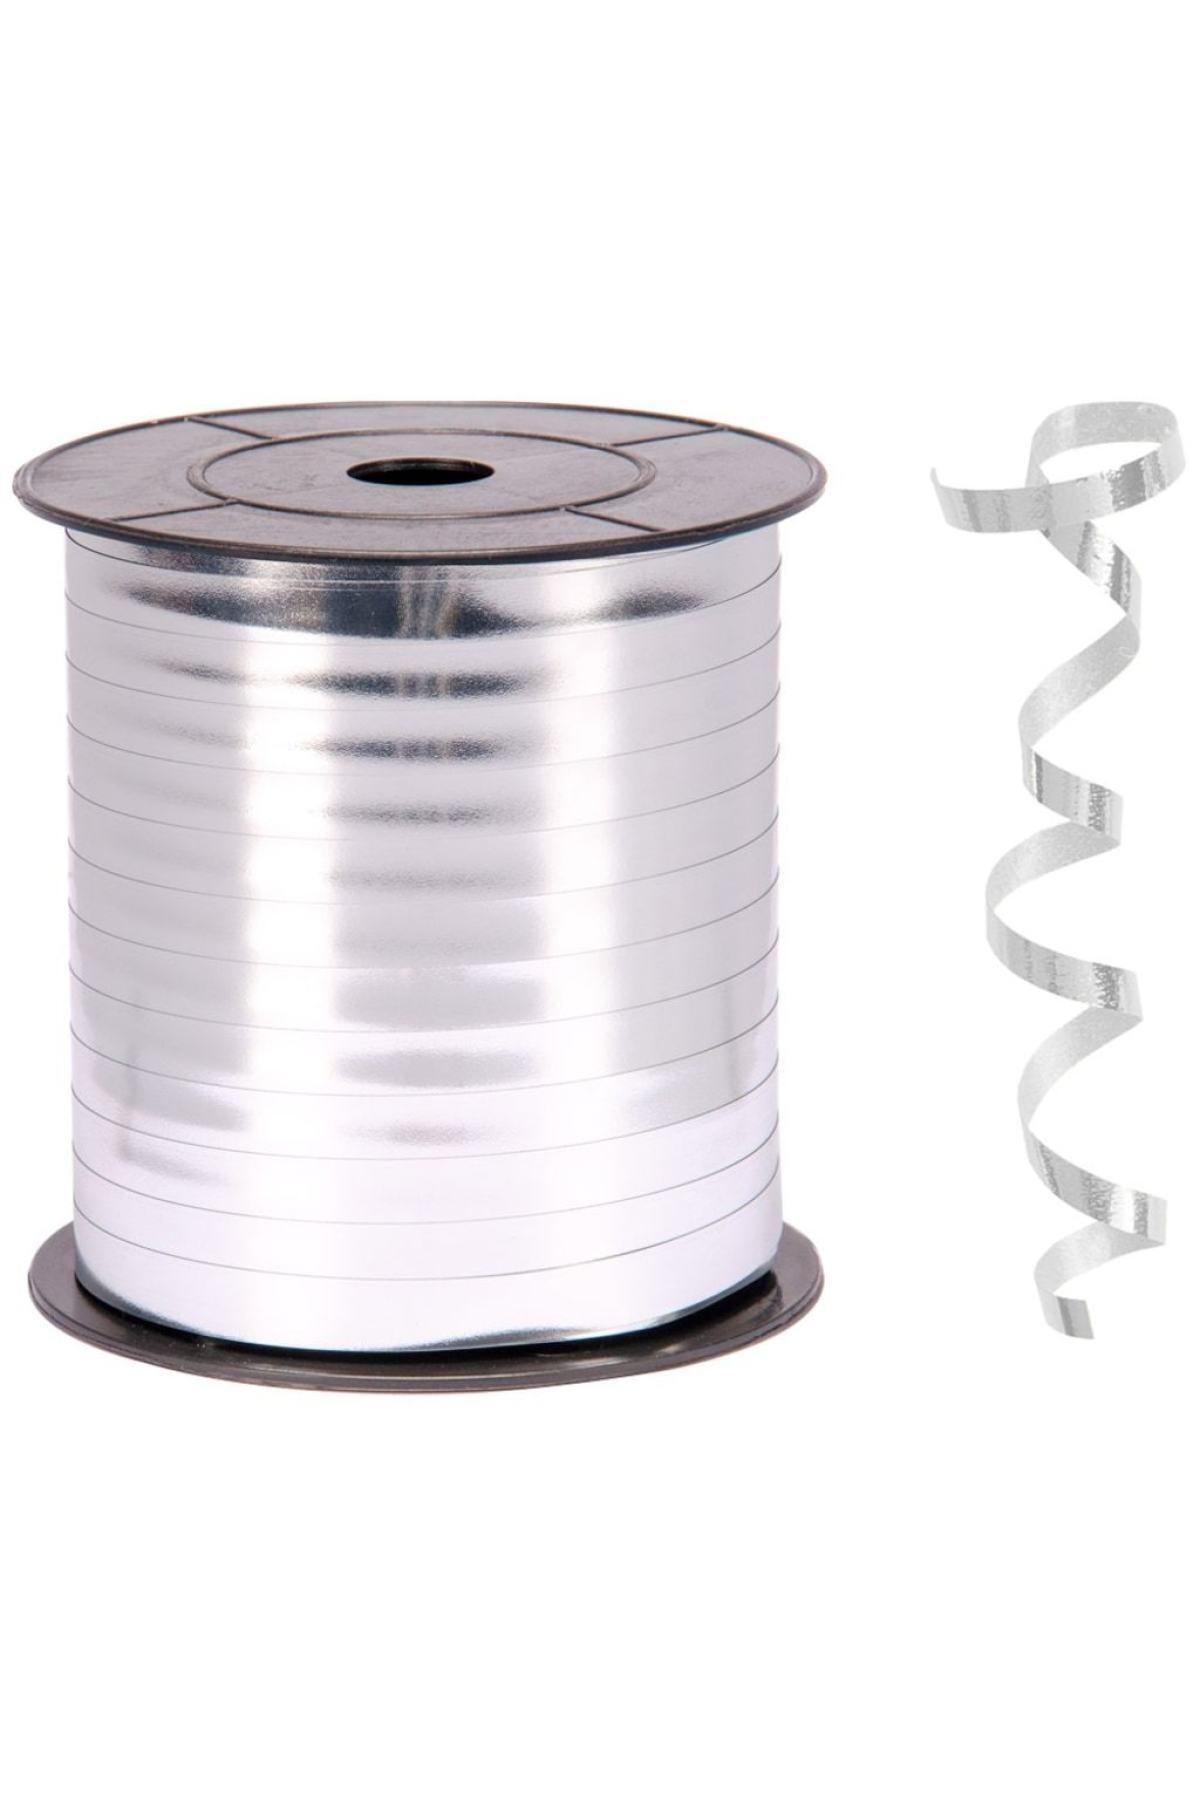 200 Metre Parlak Gümüş Renkli Metalik Şerit Gri Rafya 8 Mm Balon Ipi Plastik Balon Süsleme Kurdelesi